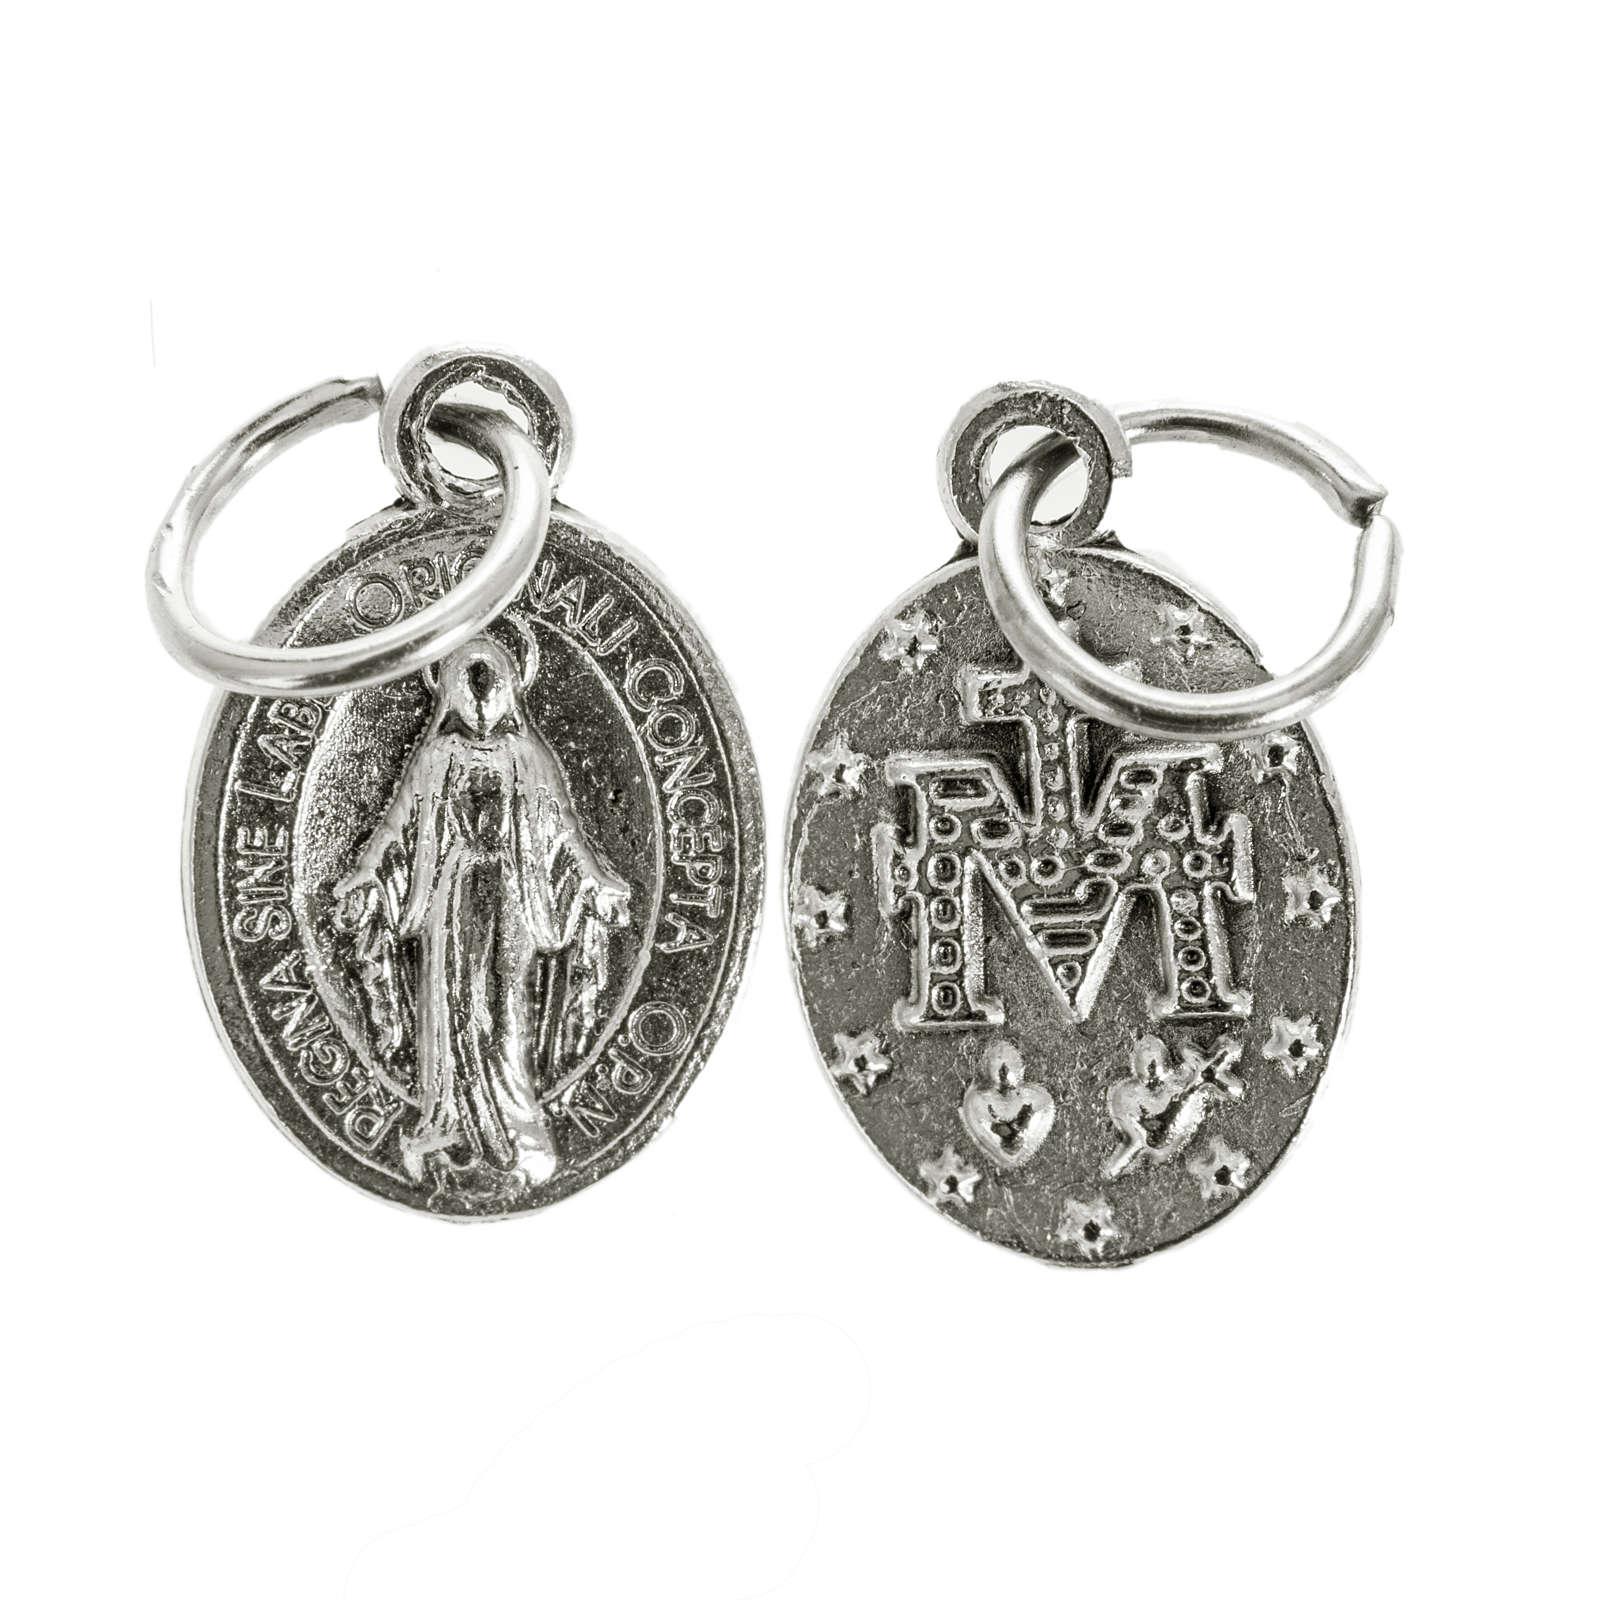 Medaglia Miracolosa ovale metallo argentato h 12 mm 4